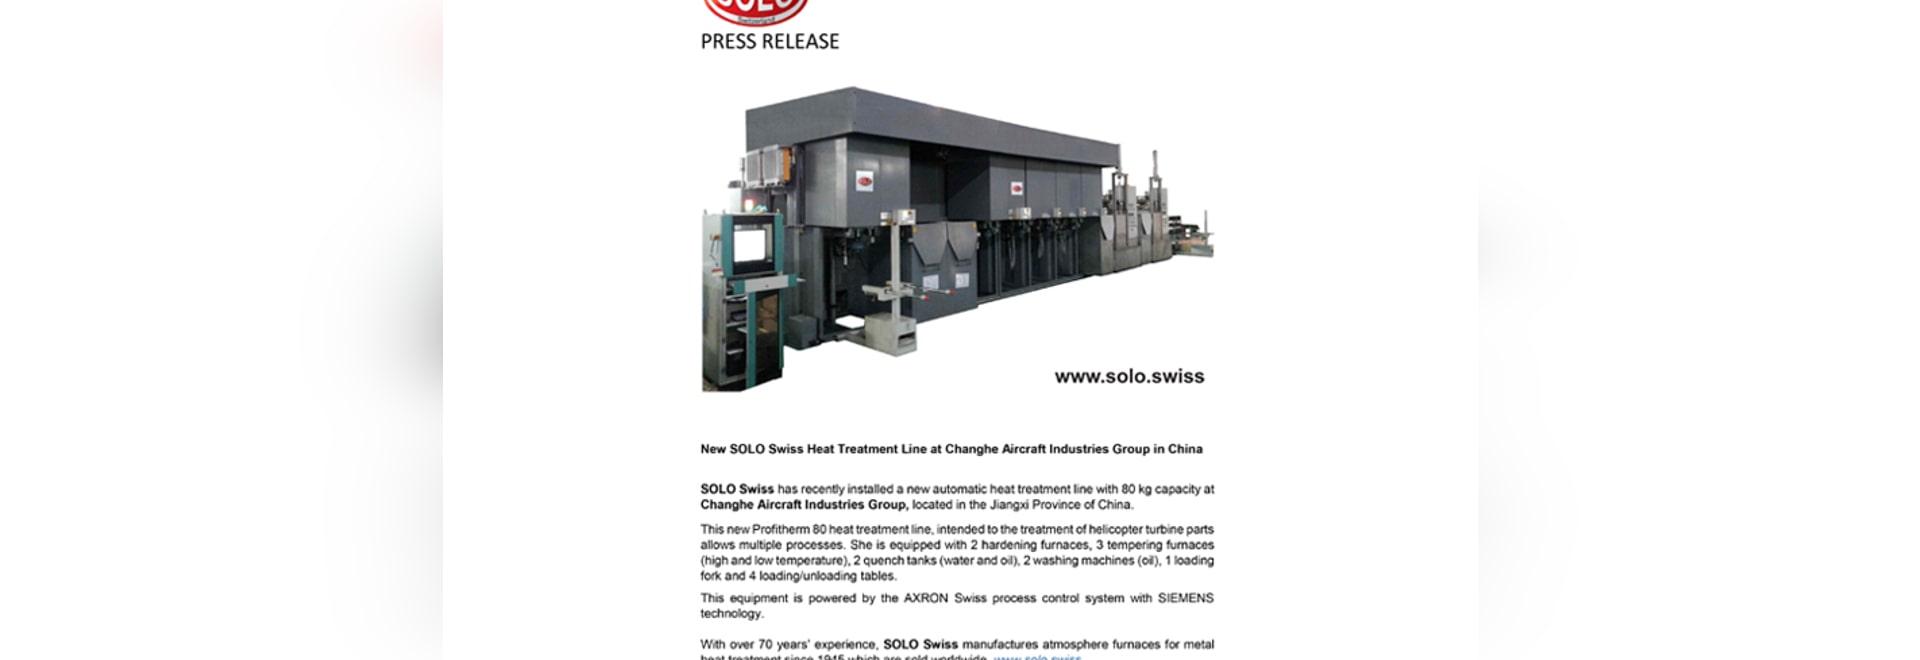 Nouvelle ligne suisse SOLOE de traitement thermique au groupe d'industries aéronautiques de Changhe en Chine